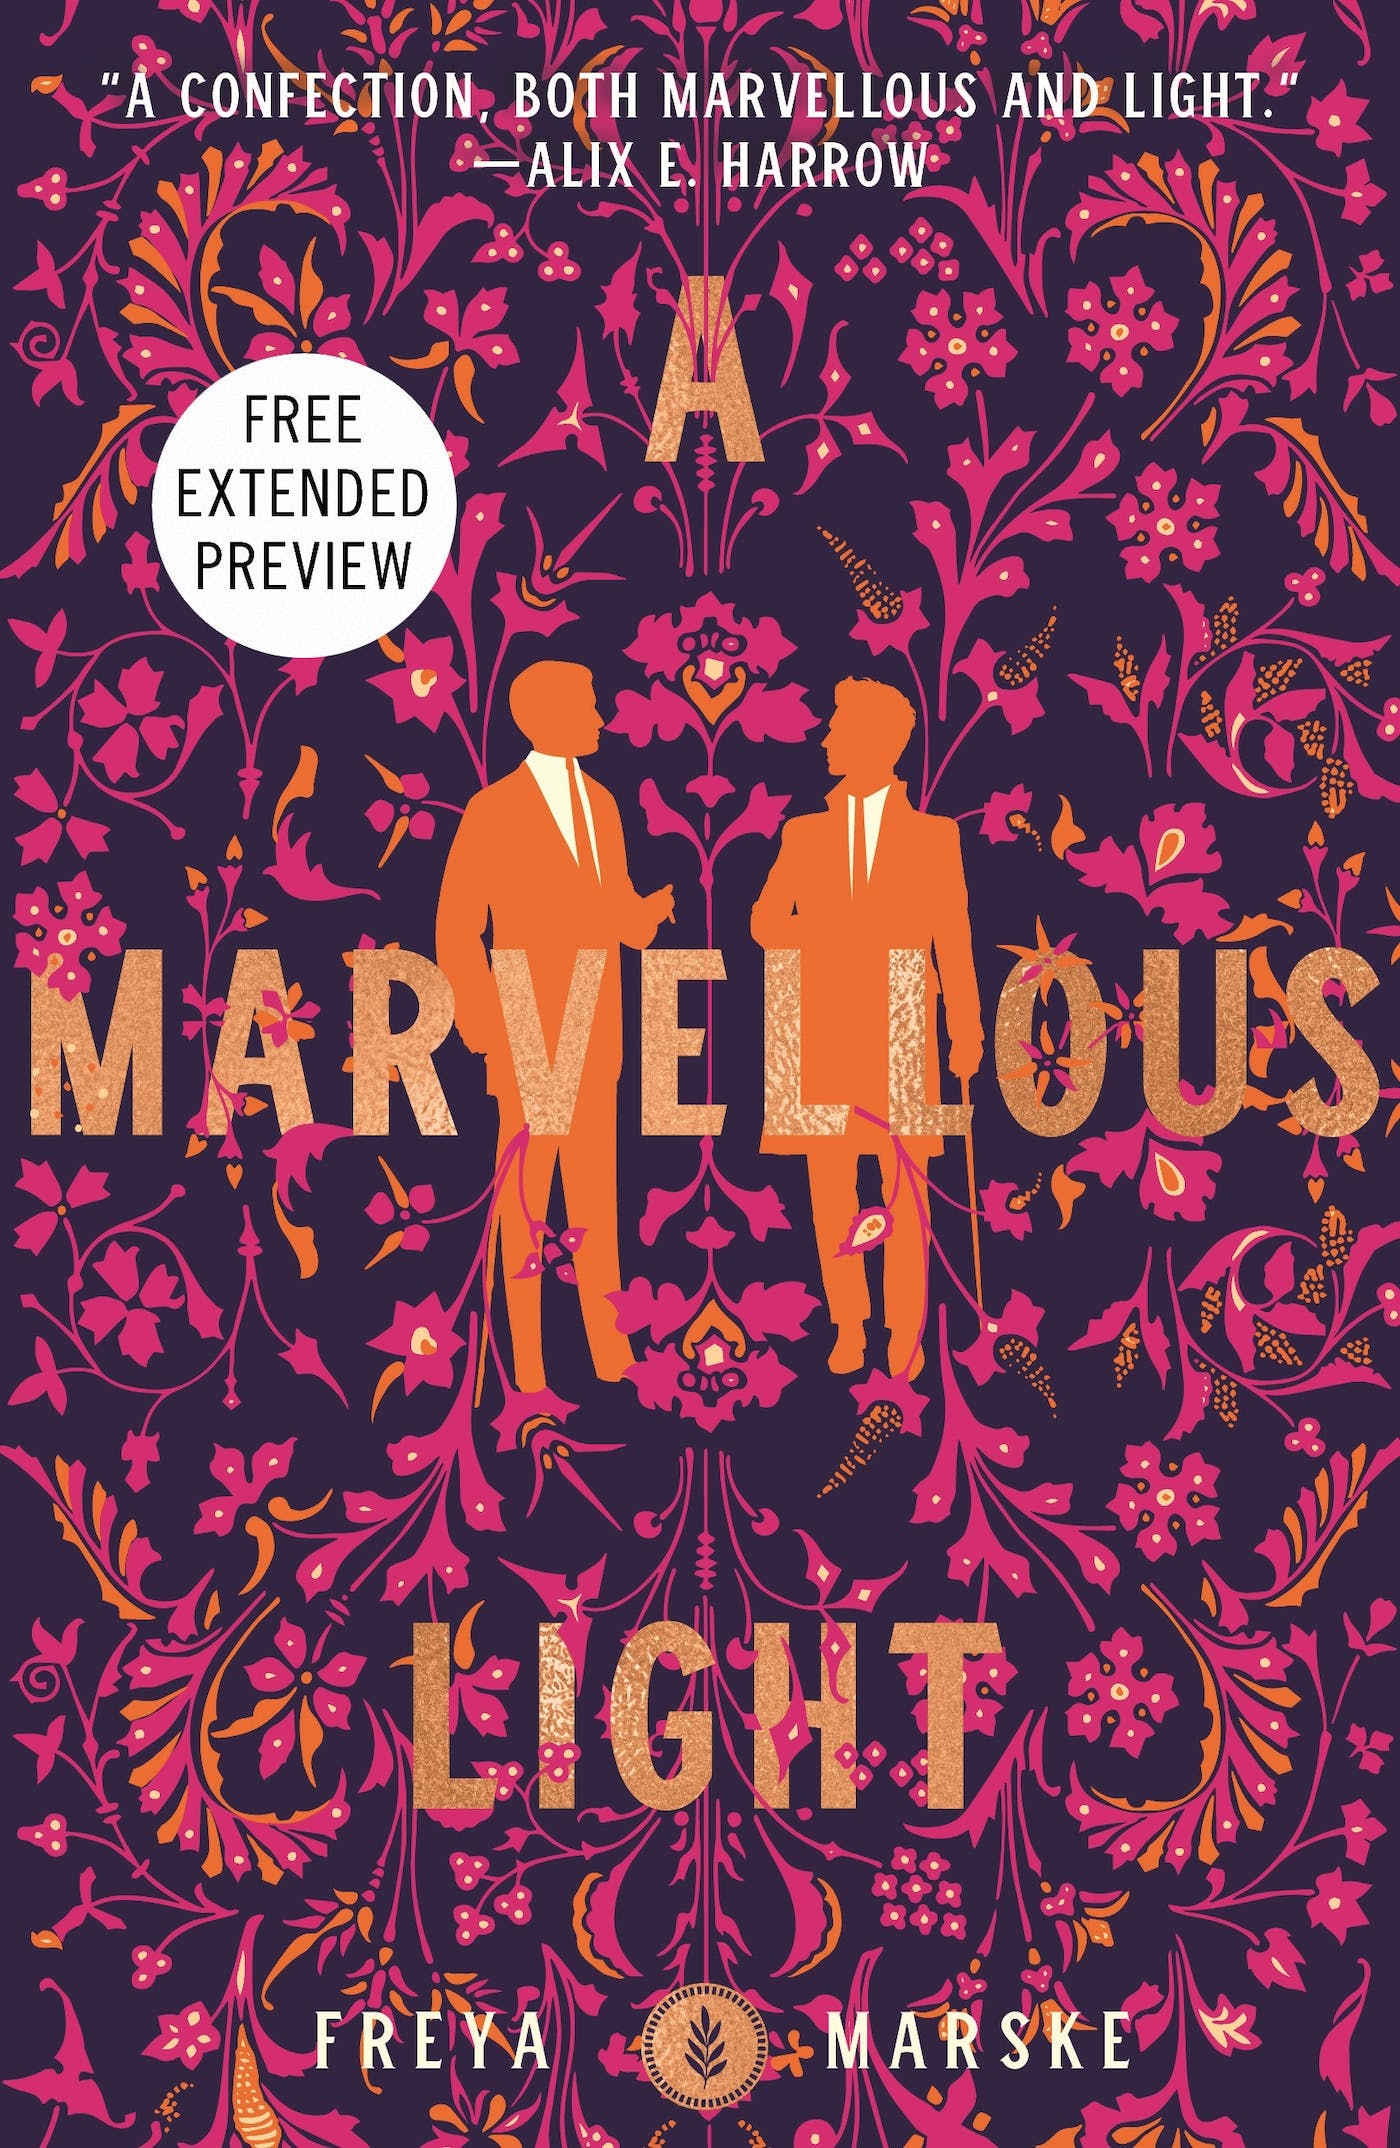 A Marvellous Light Sneak Peek by Freya Marske